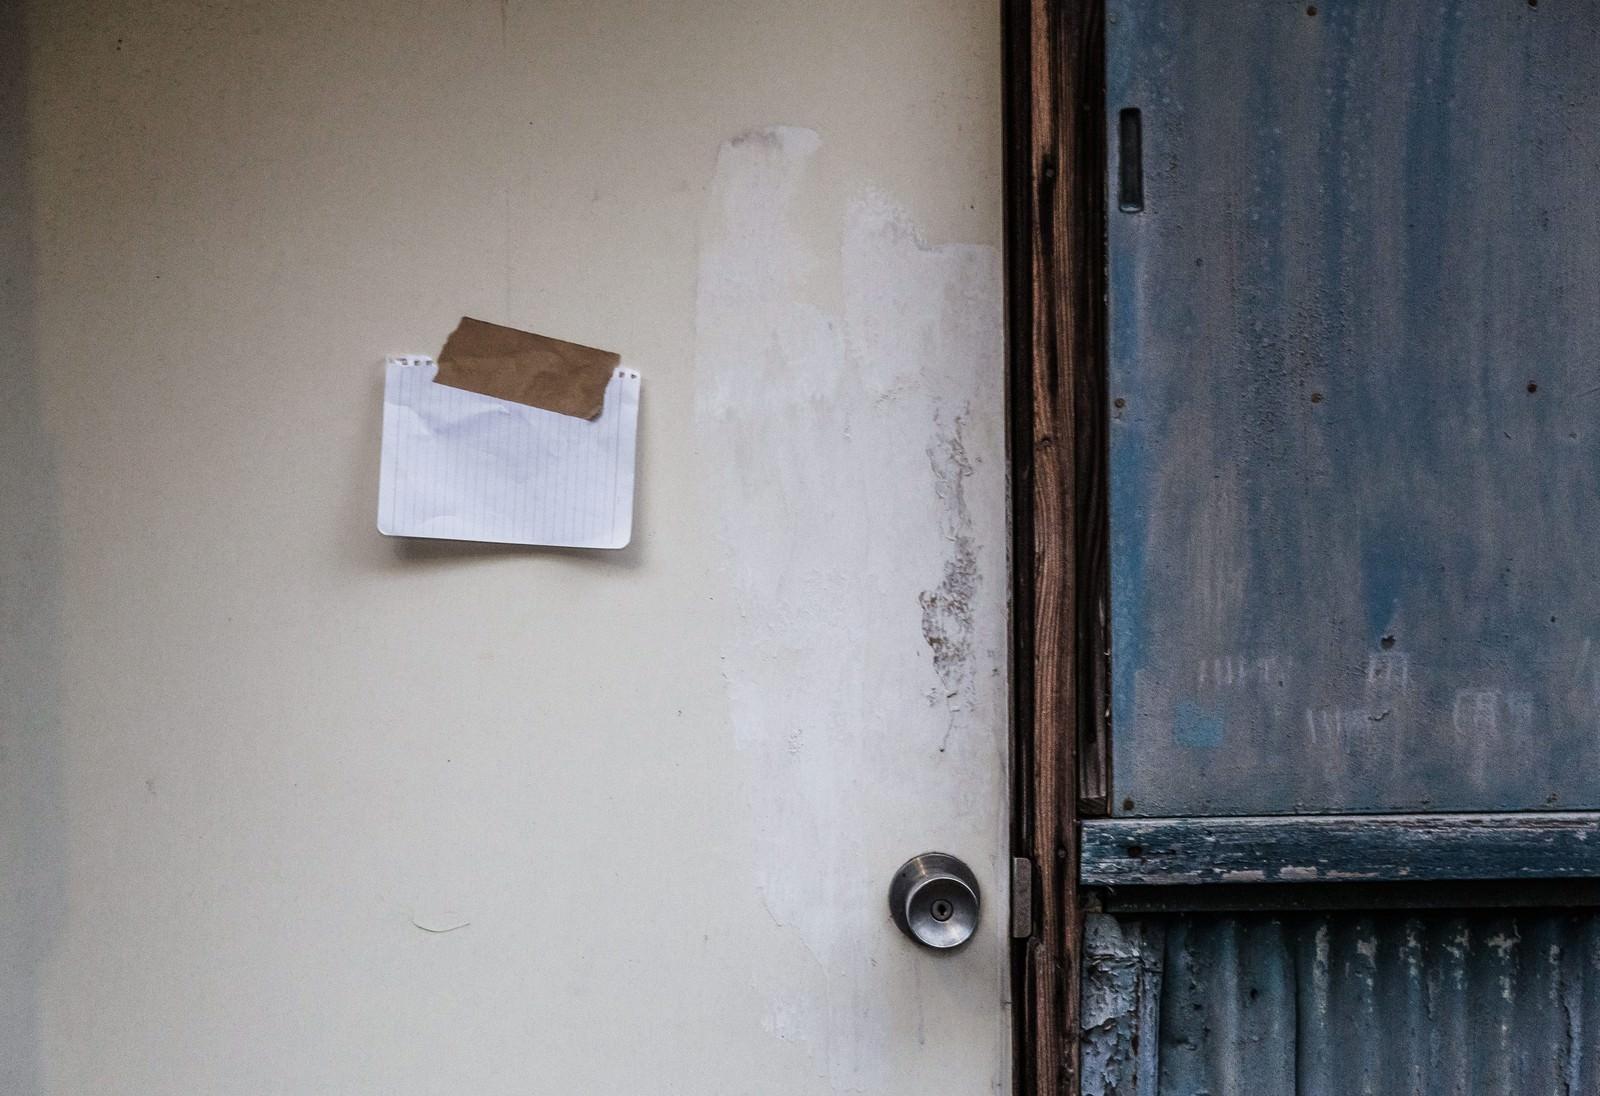 「平屋の玄関に貼られた1枚のメモ書き」の写真